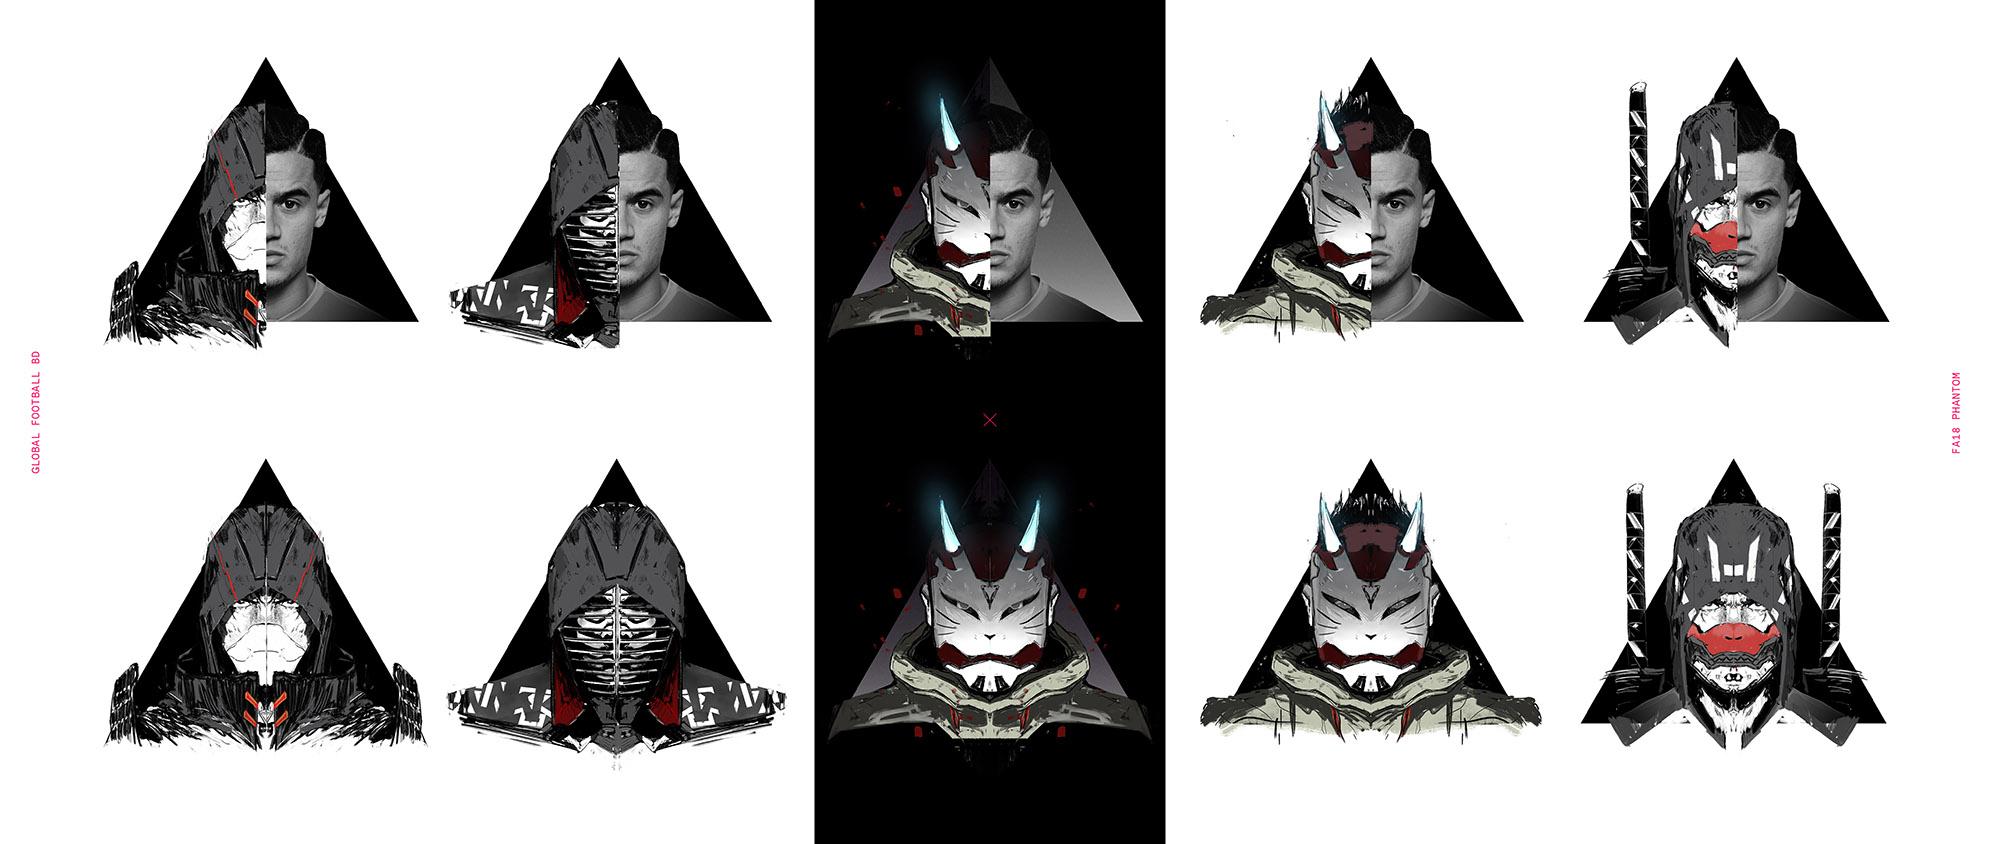 Phantom_Portrait_Assassin_Comp_01_ MK_050719